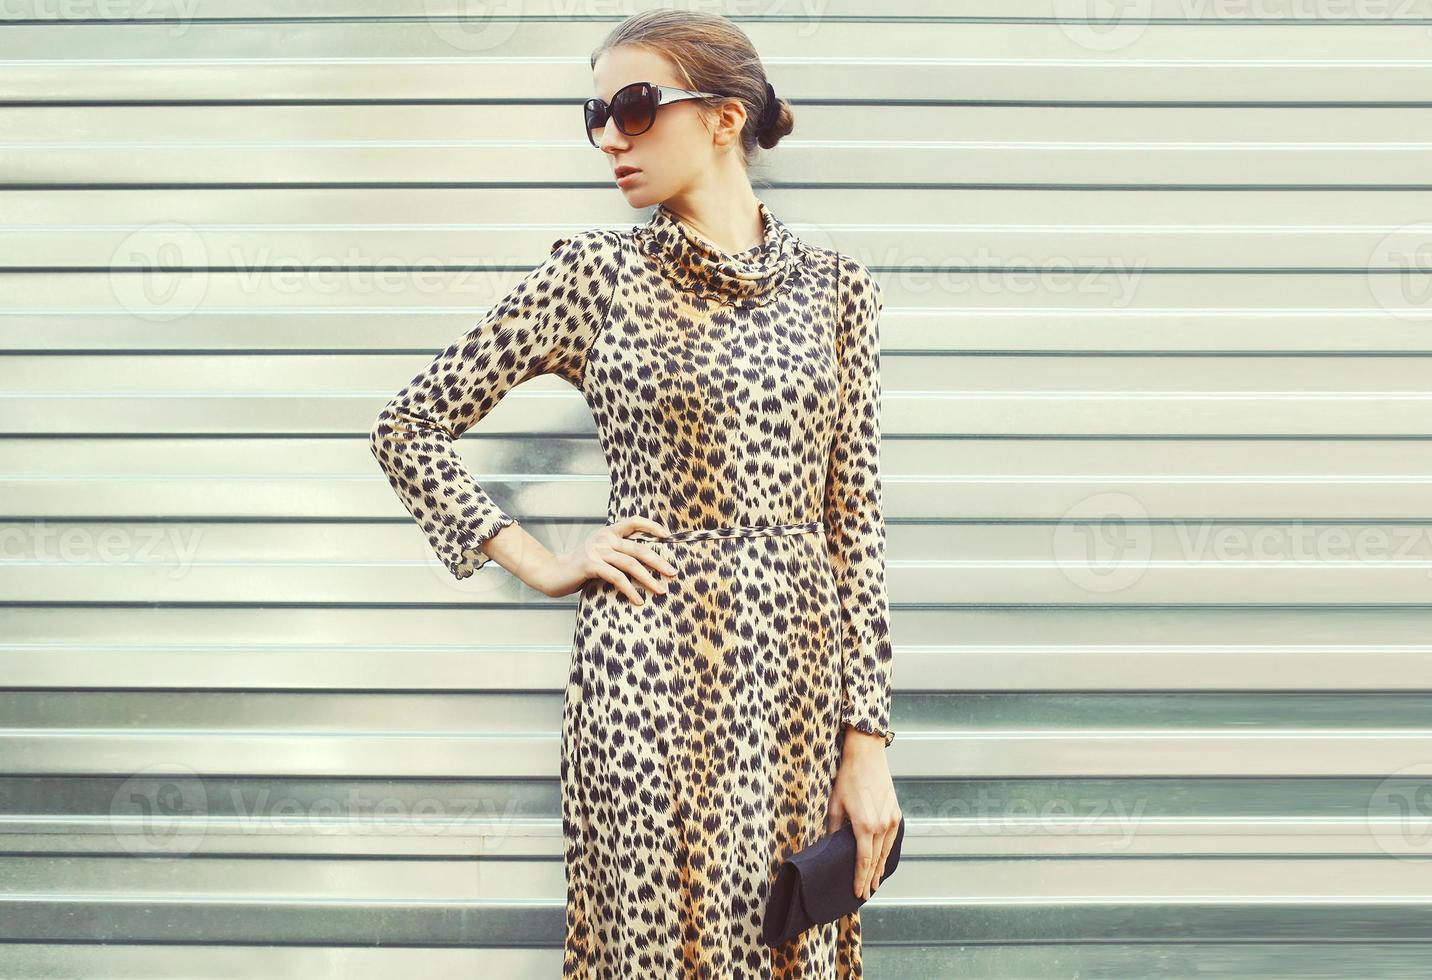 moda linda mulher em óculos de sol e vestido de leopardo com handba foto